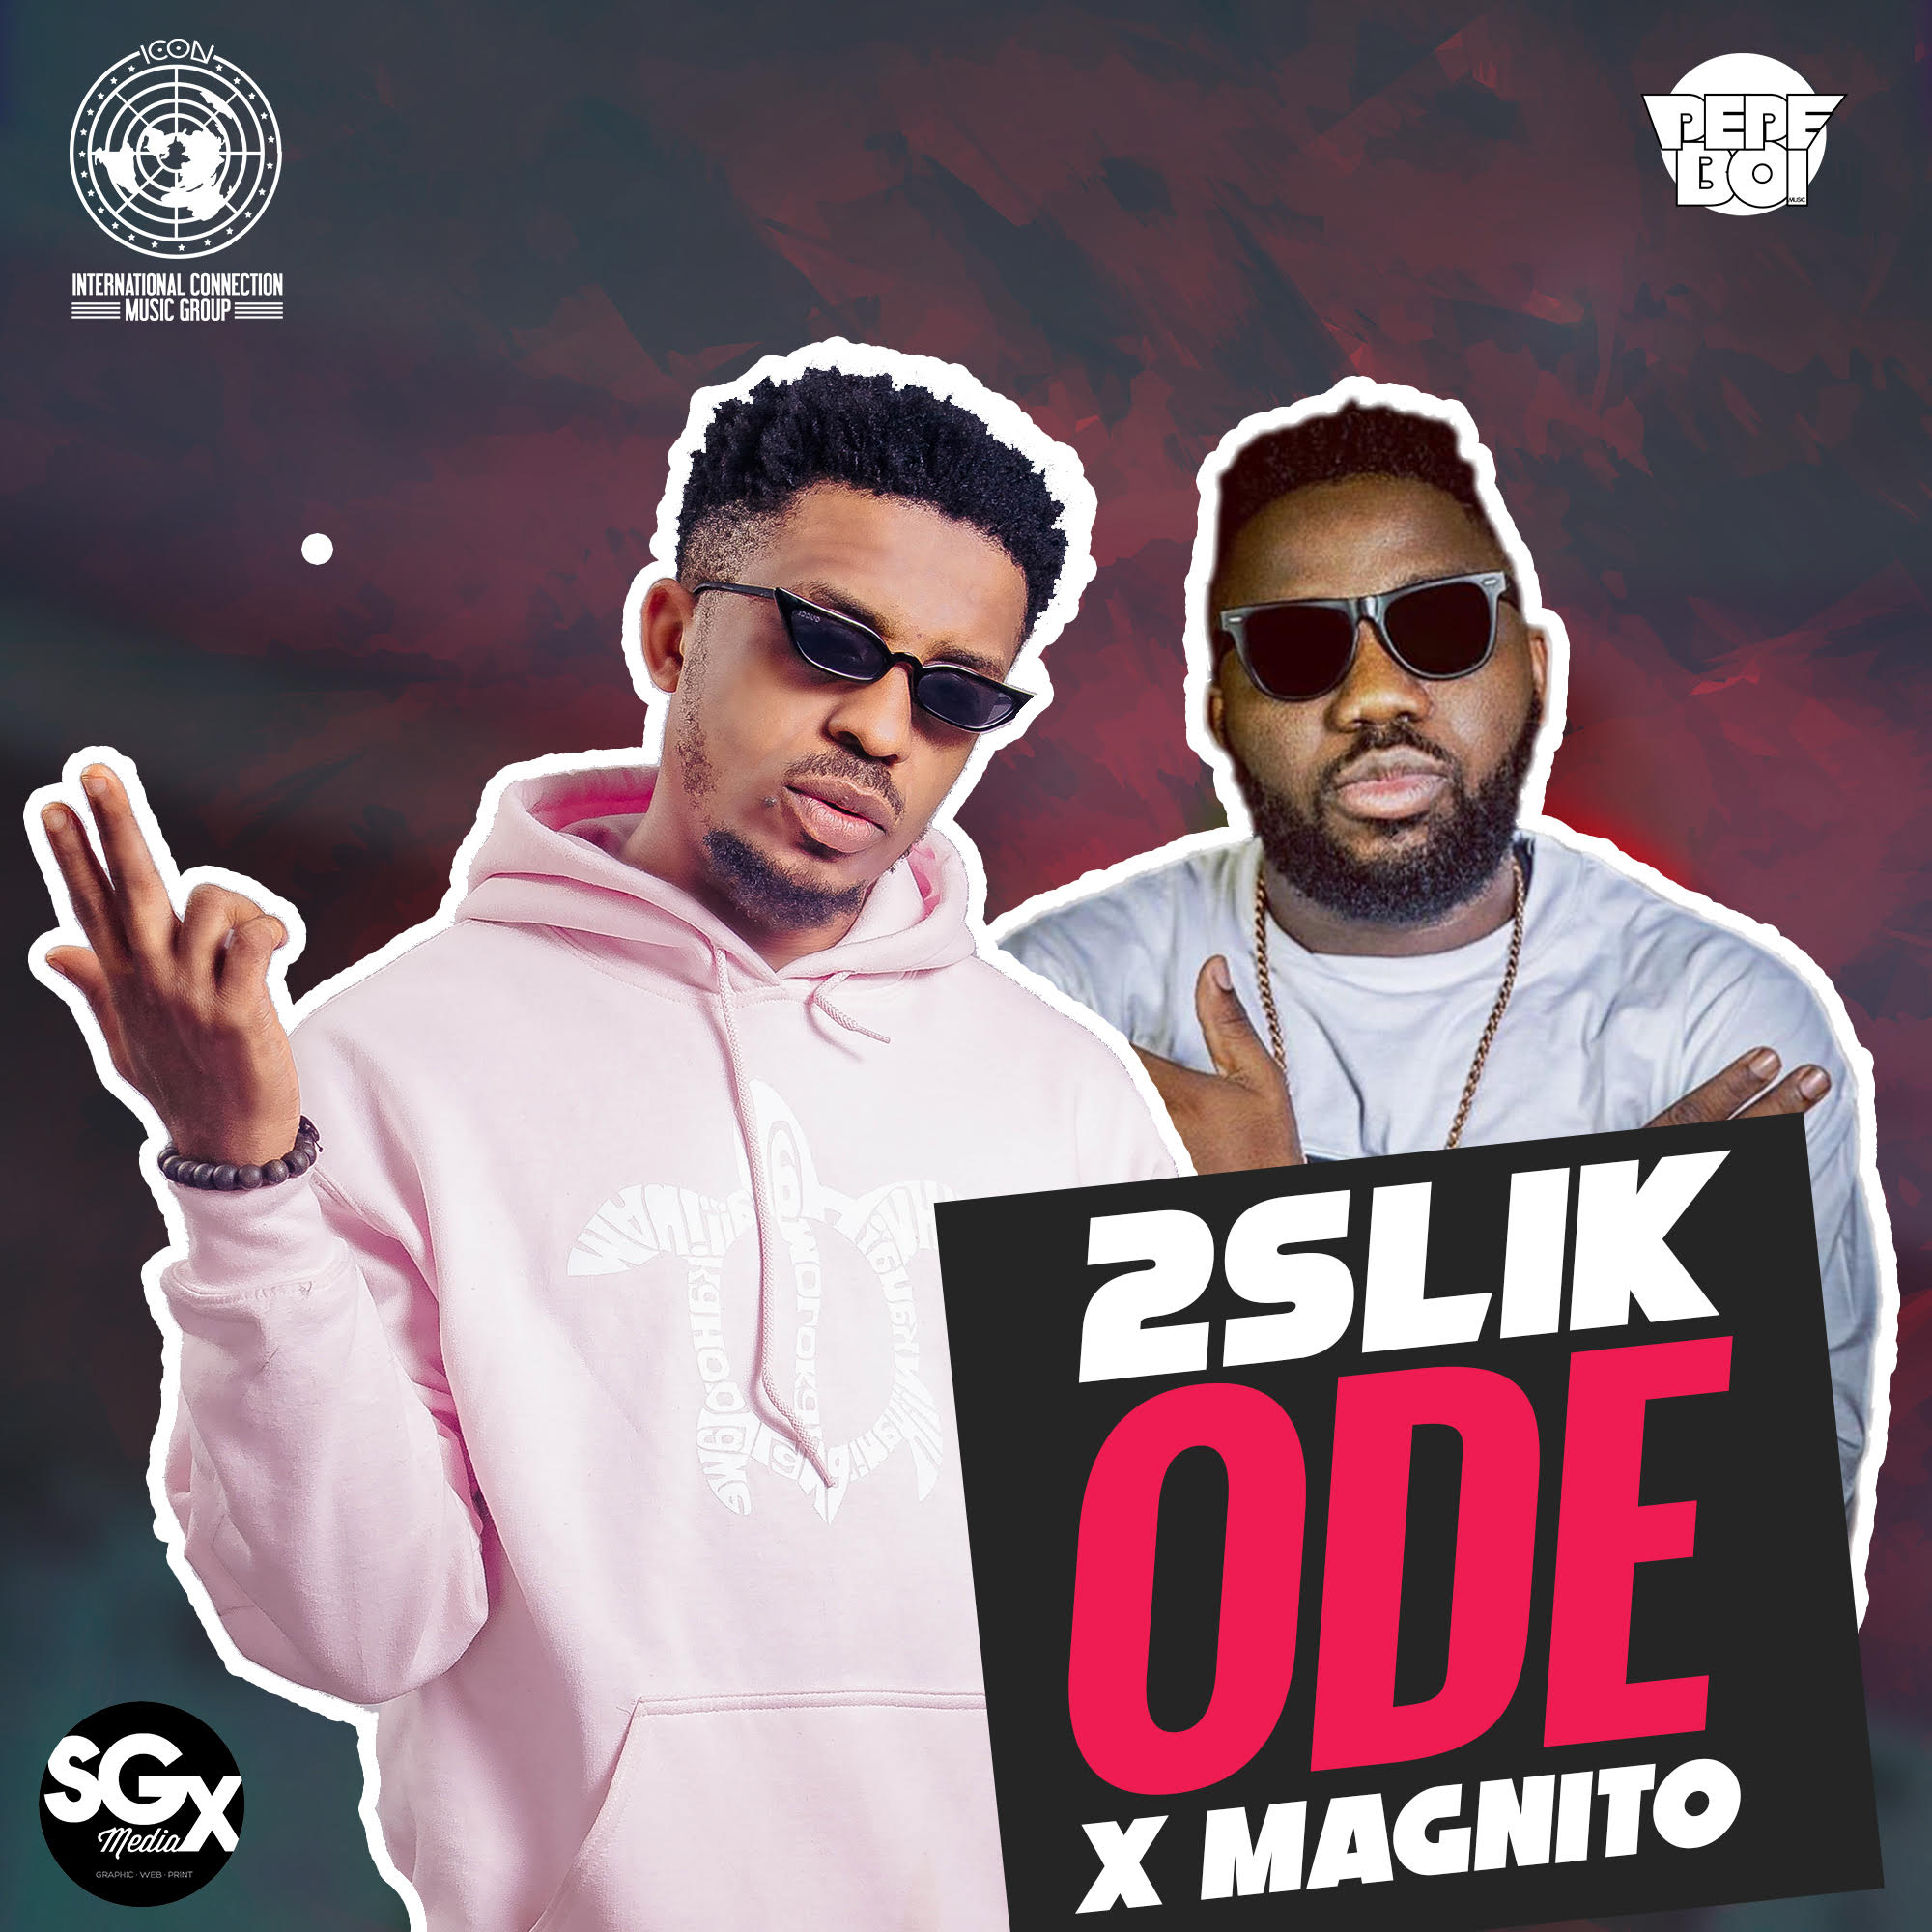 2Slik & Magnito - Ode (Prod. Ckay)